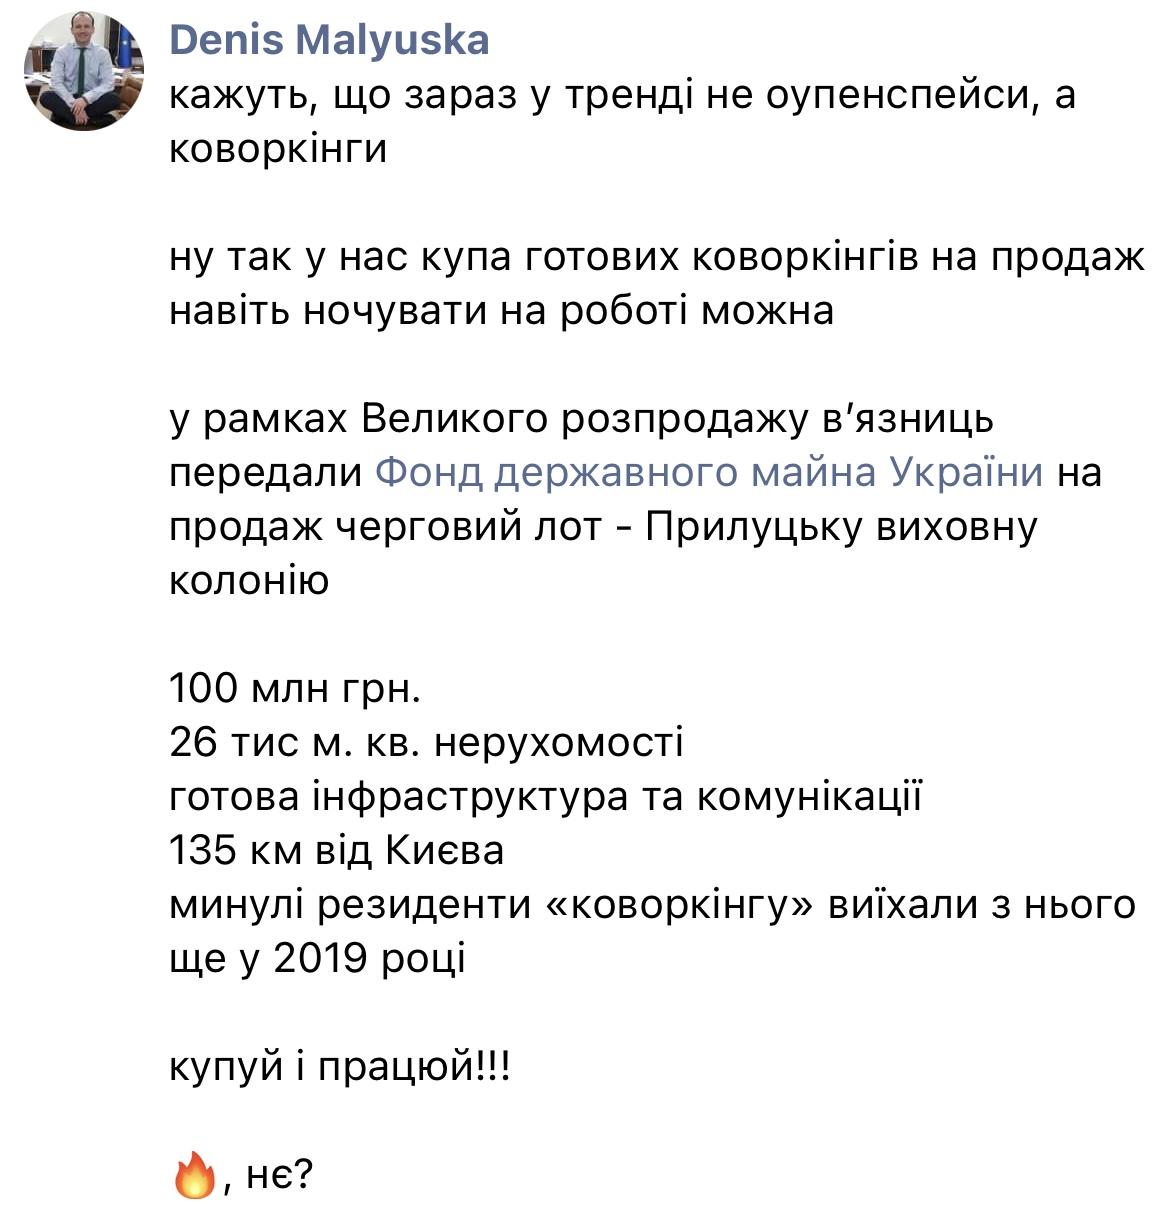 «Смузи в подарок»: Малюська рассказал о продаже «коворкинга» — Прилуцкой воспитательной колонии (фото) - 1 - изображение